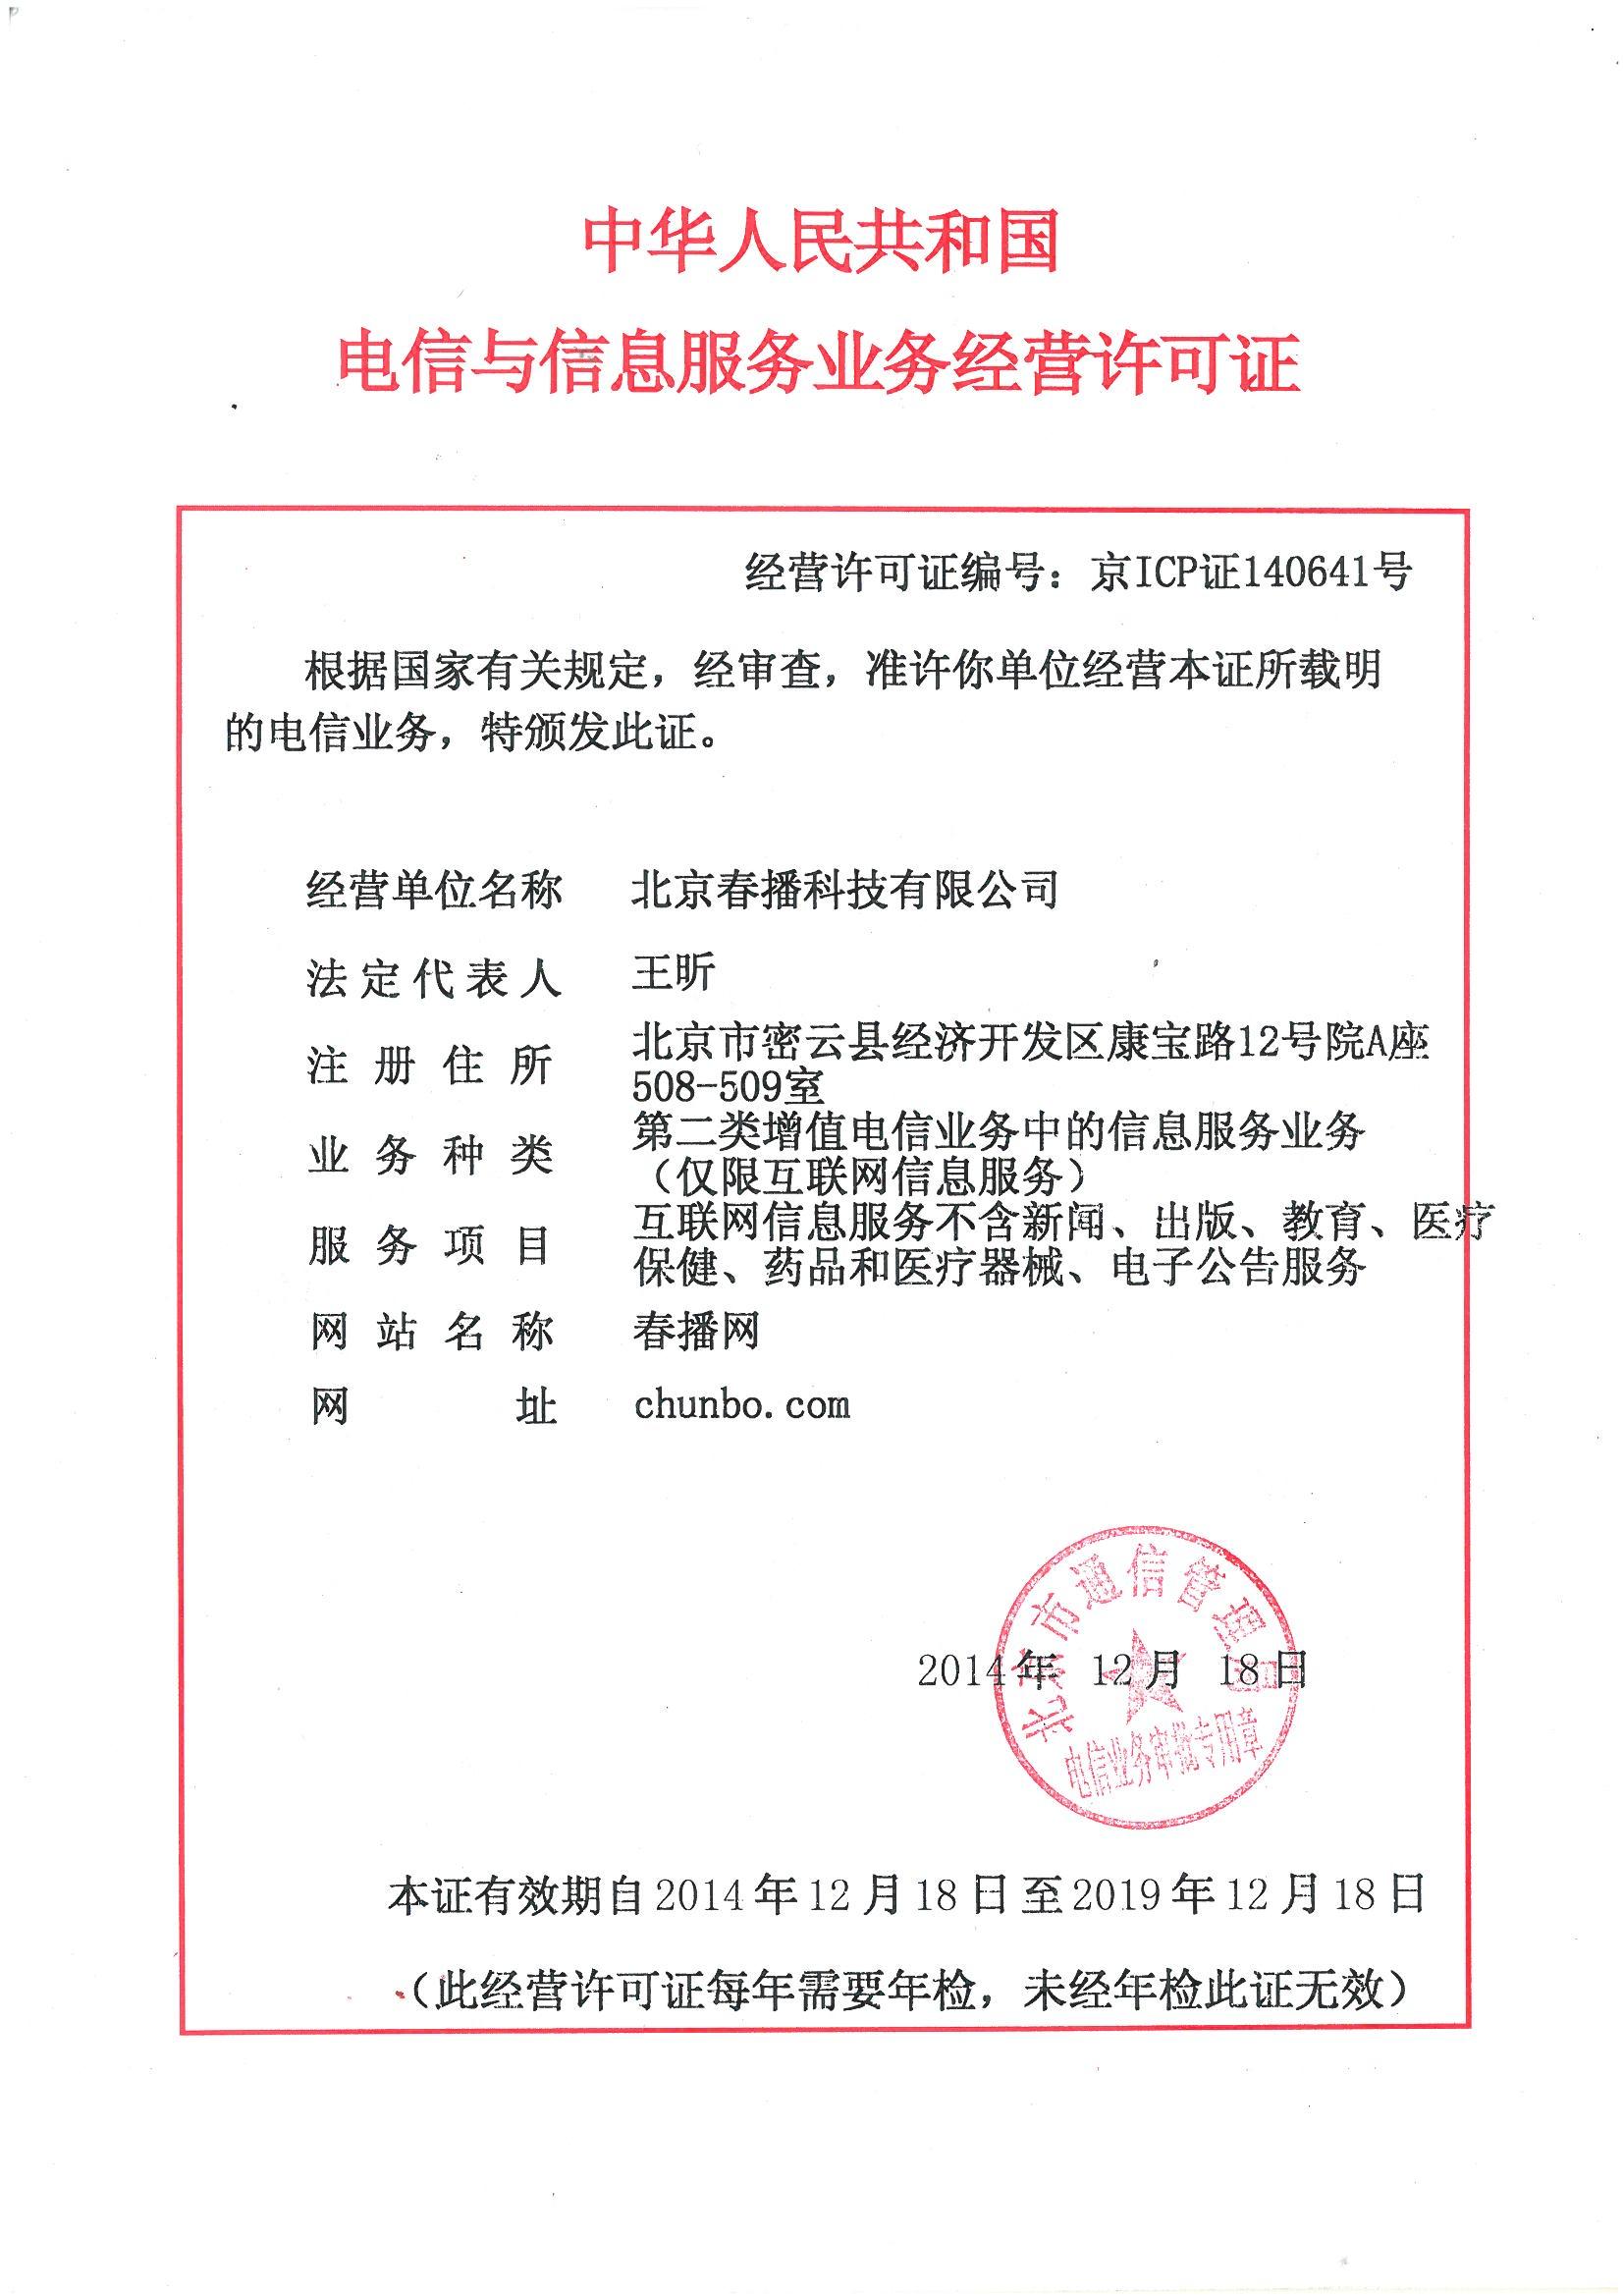 京ICP证140641号.jpg